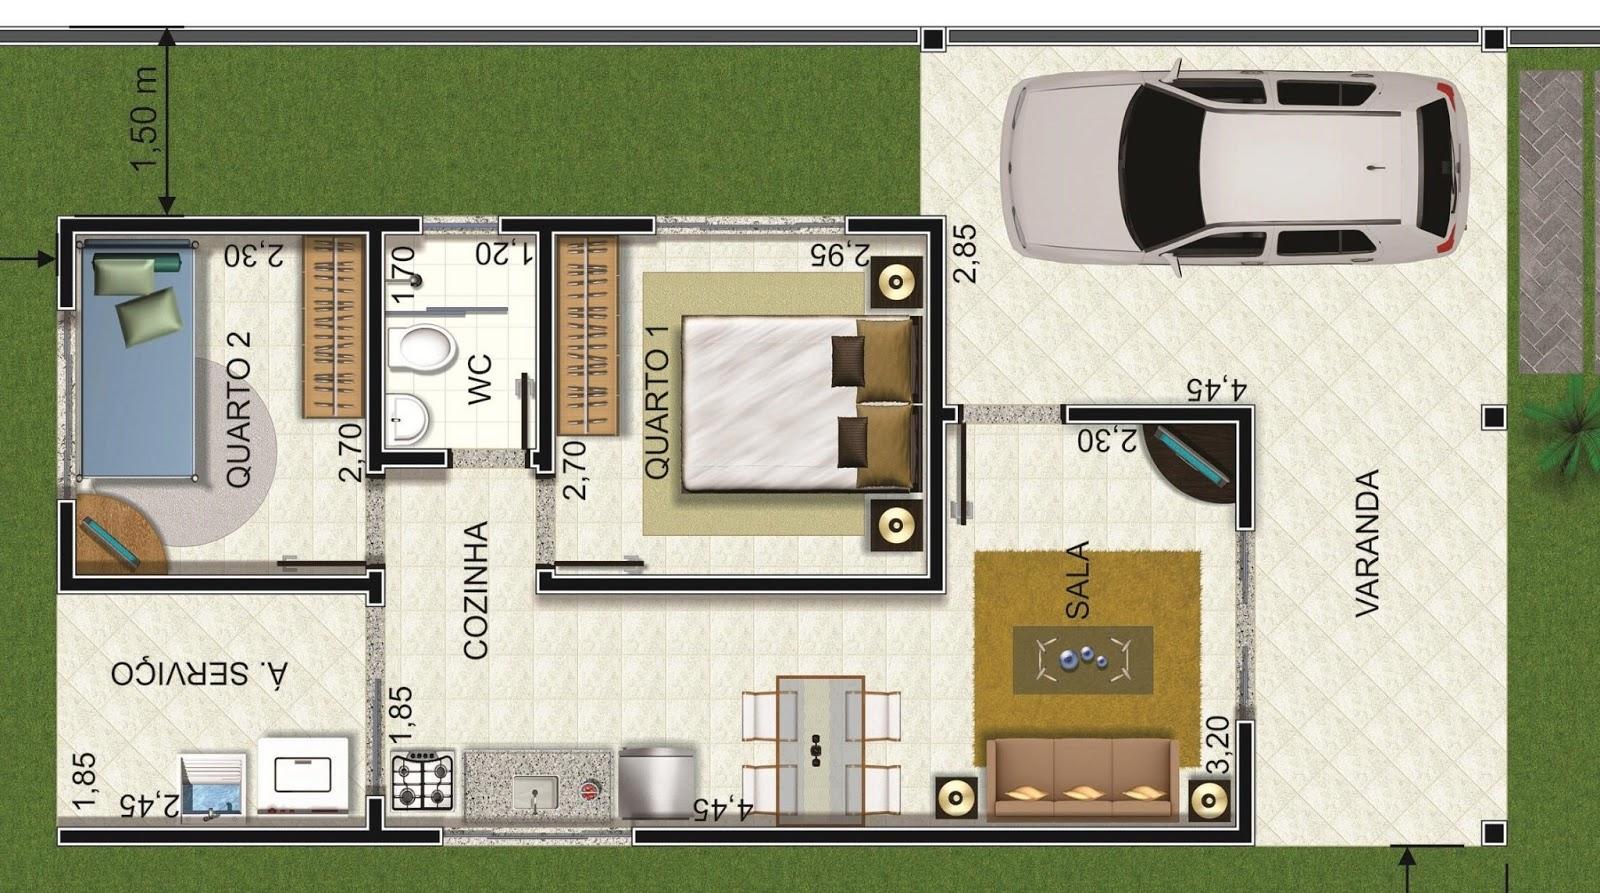 #51682F Realizamos seus sonhos ao melhor preço e qualidade solicite seu  1600x893 px Projetos De Casas Com Cozinha Americana #169 imagens